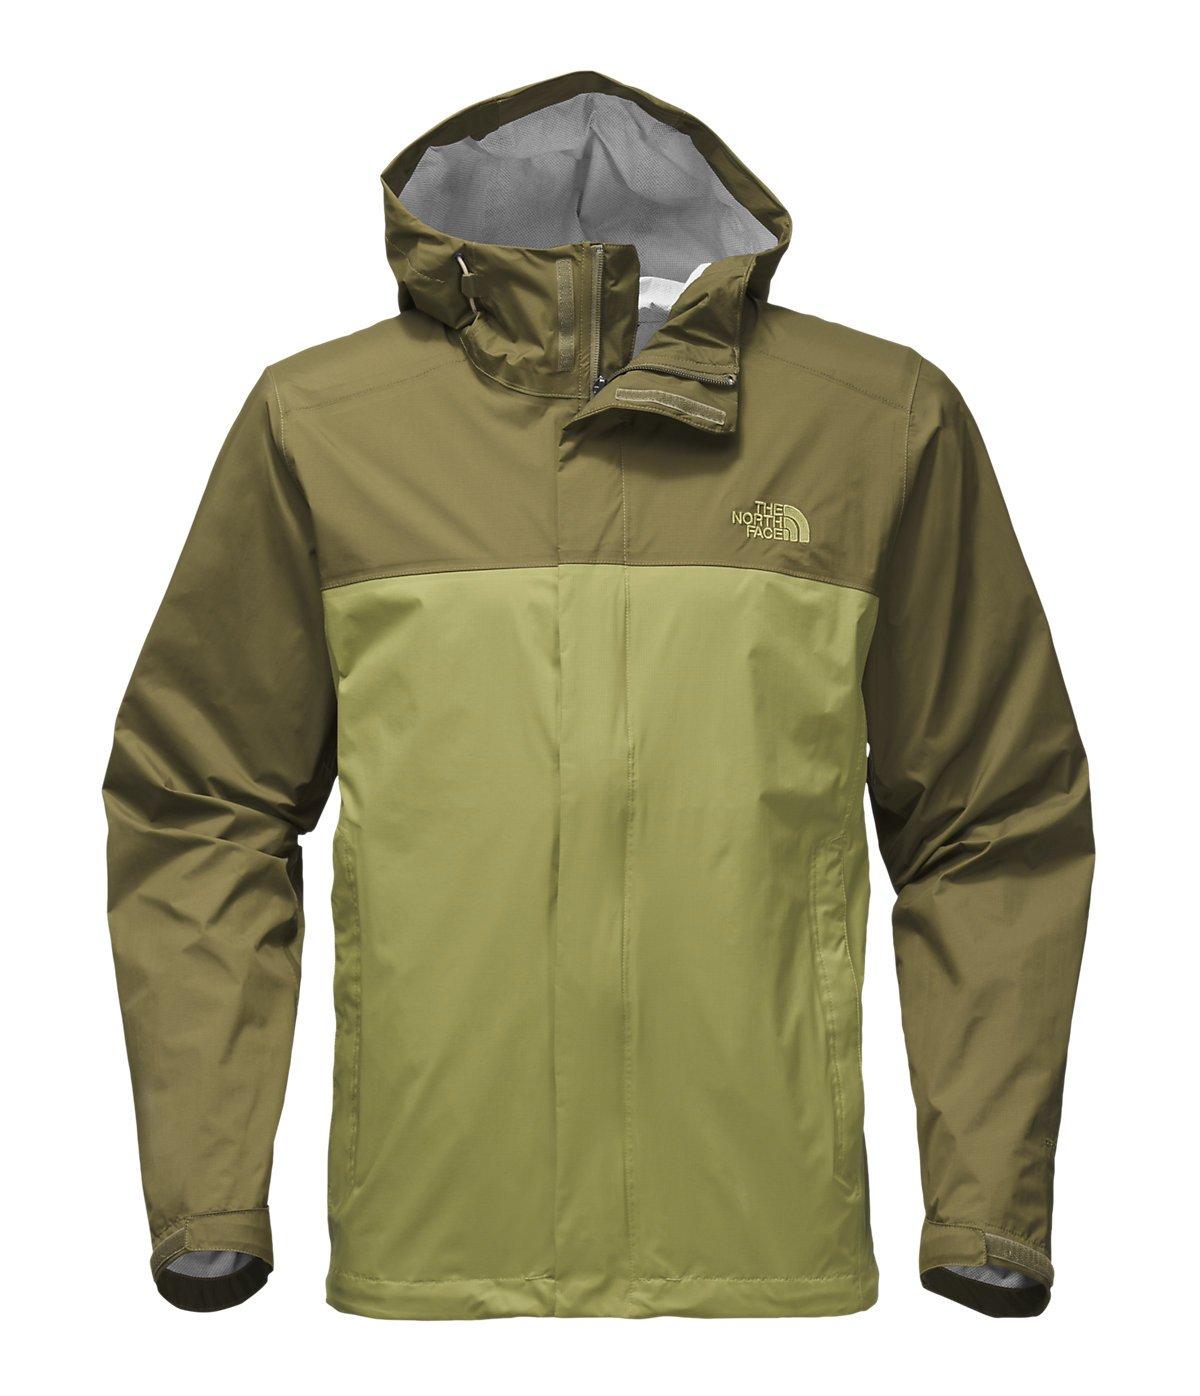 (ザノースフェイス) The North Face Resolve 2 ジャケット メンズ B073G3FT29 Medium|Iguana Green/Burnt Olive Green Iguana Green/Burnt Olive Green Medium